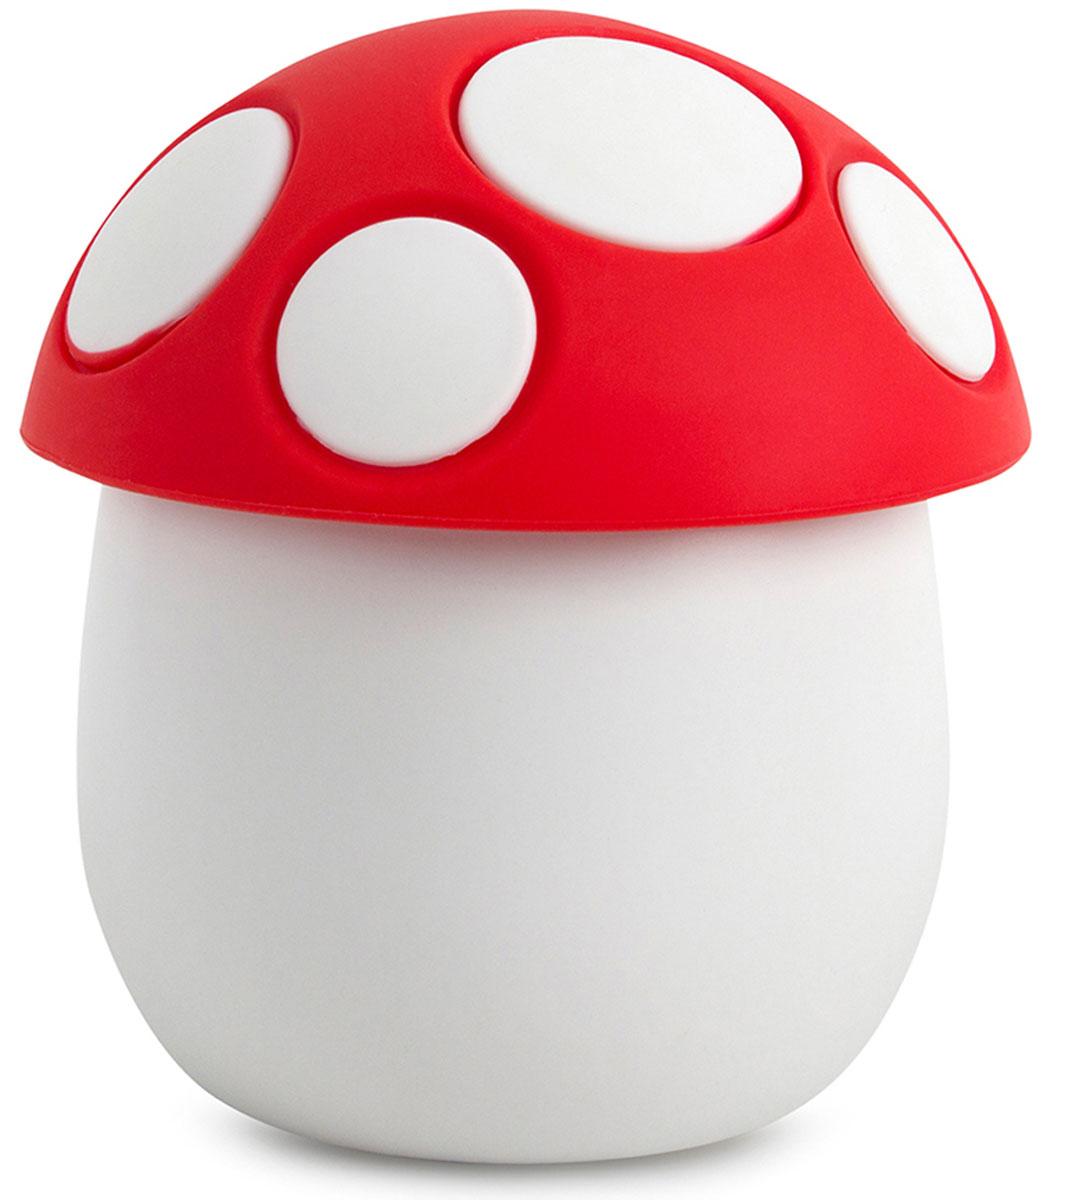 Солонка Balvi Fungo, цвет: белый25761Солонка Fungo выглядит как гриб-мухомор, и изготовлена из качественной керамики и силикона. Ножка солонки (основание) сделана из керамики, а красная шляпка гриба служит крышкой и изготовлена из силикона. Солонка станет отличным подарком для любой хозяйки, которая ценит практичность и оригинальность. Стоит отметить, что солонка рассчитана для мелкой соли. - Уникальный дизайн солонки в виде гриба-мухомора. - Солонка изготовлена из керамики и силикона. - Станет отличным подарком для любой хозяйки.